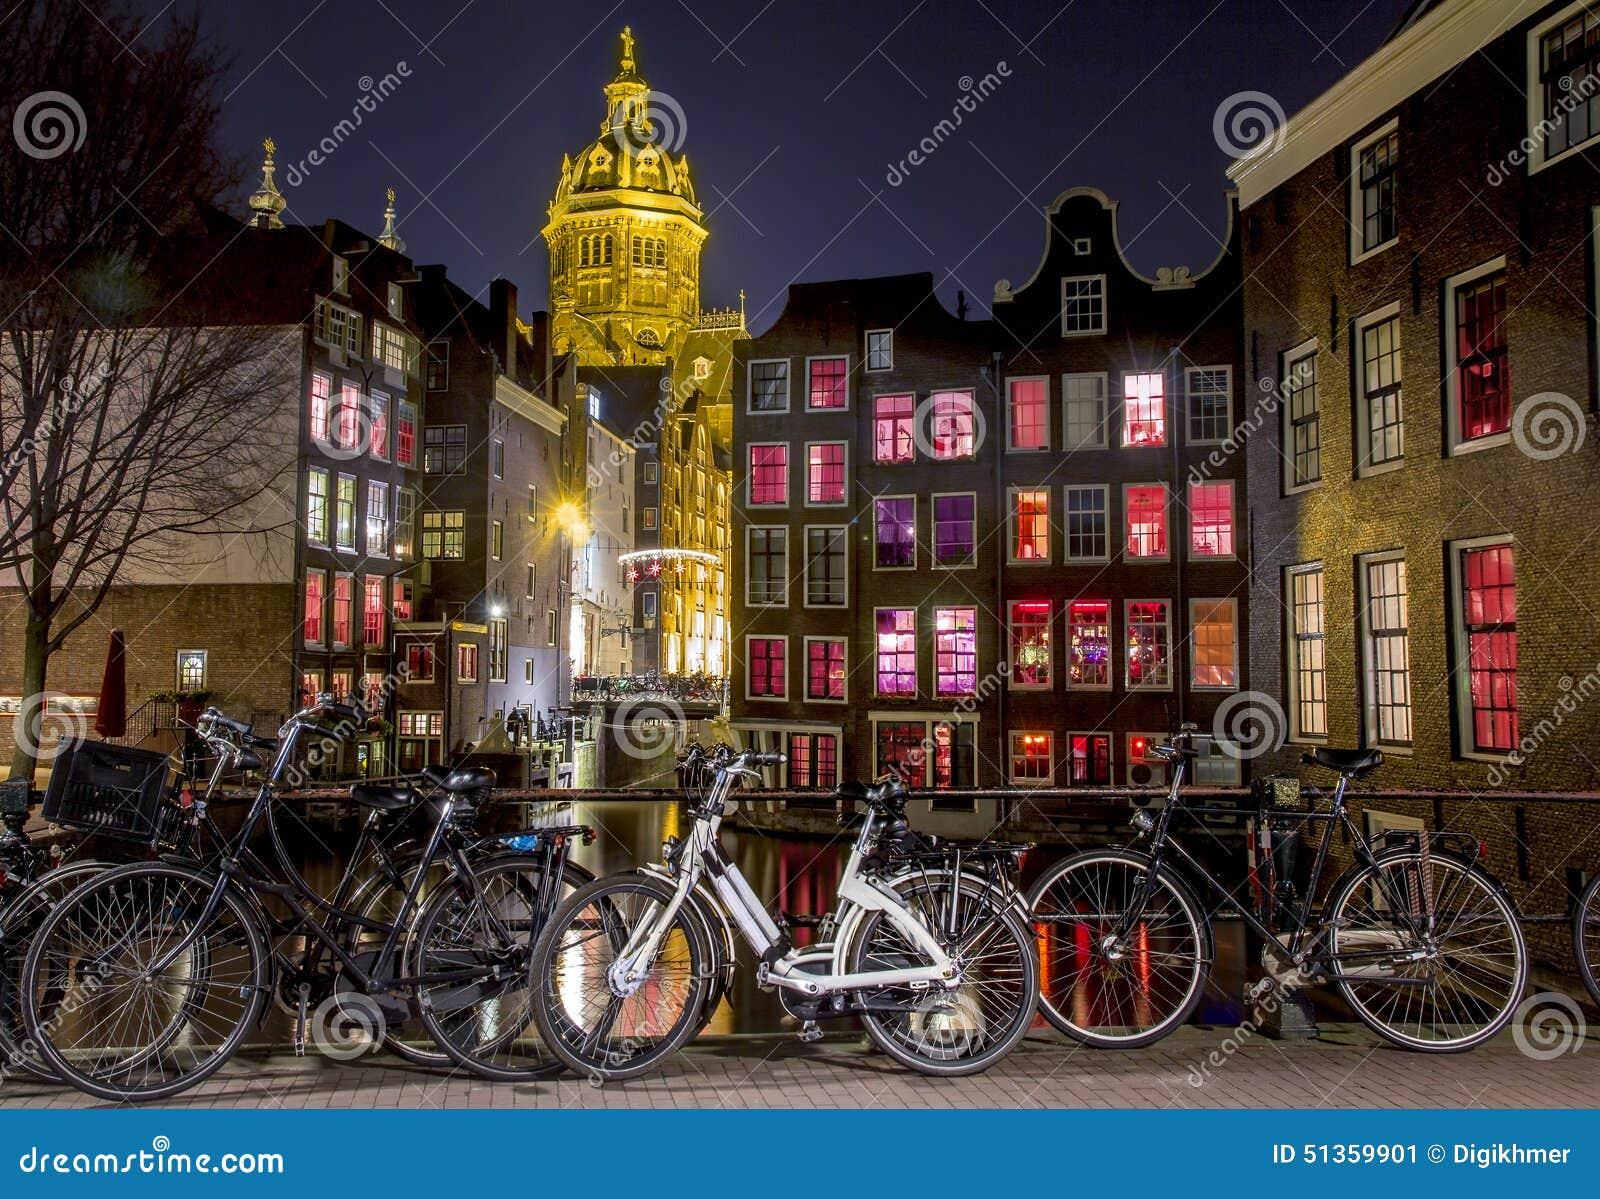 Amsterdam rött ljusområde på natten, Singel kanal